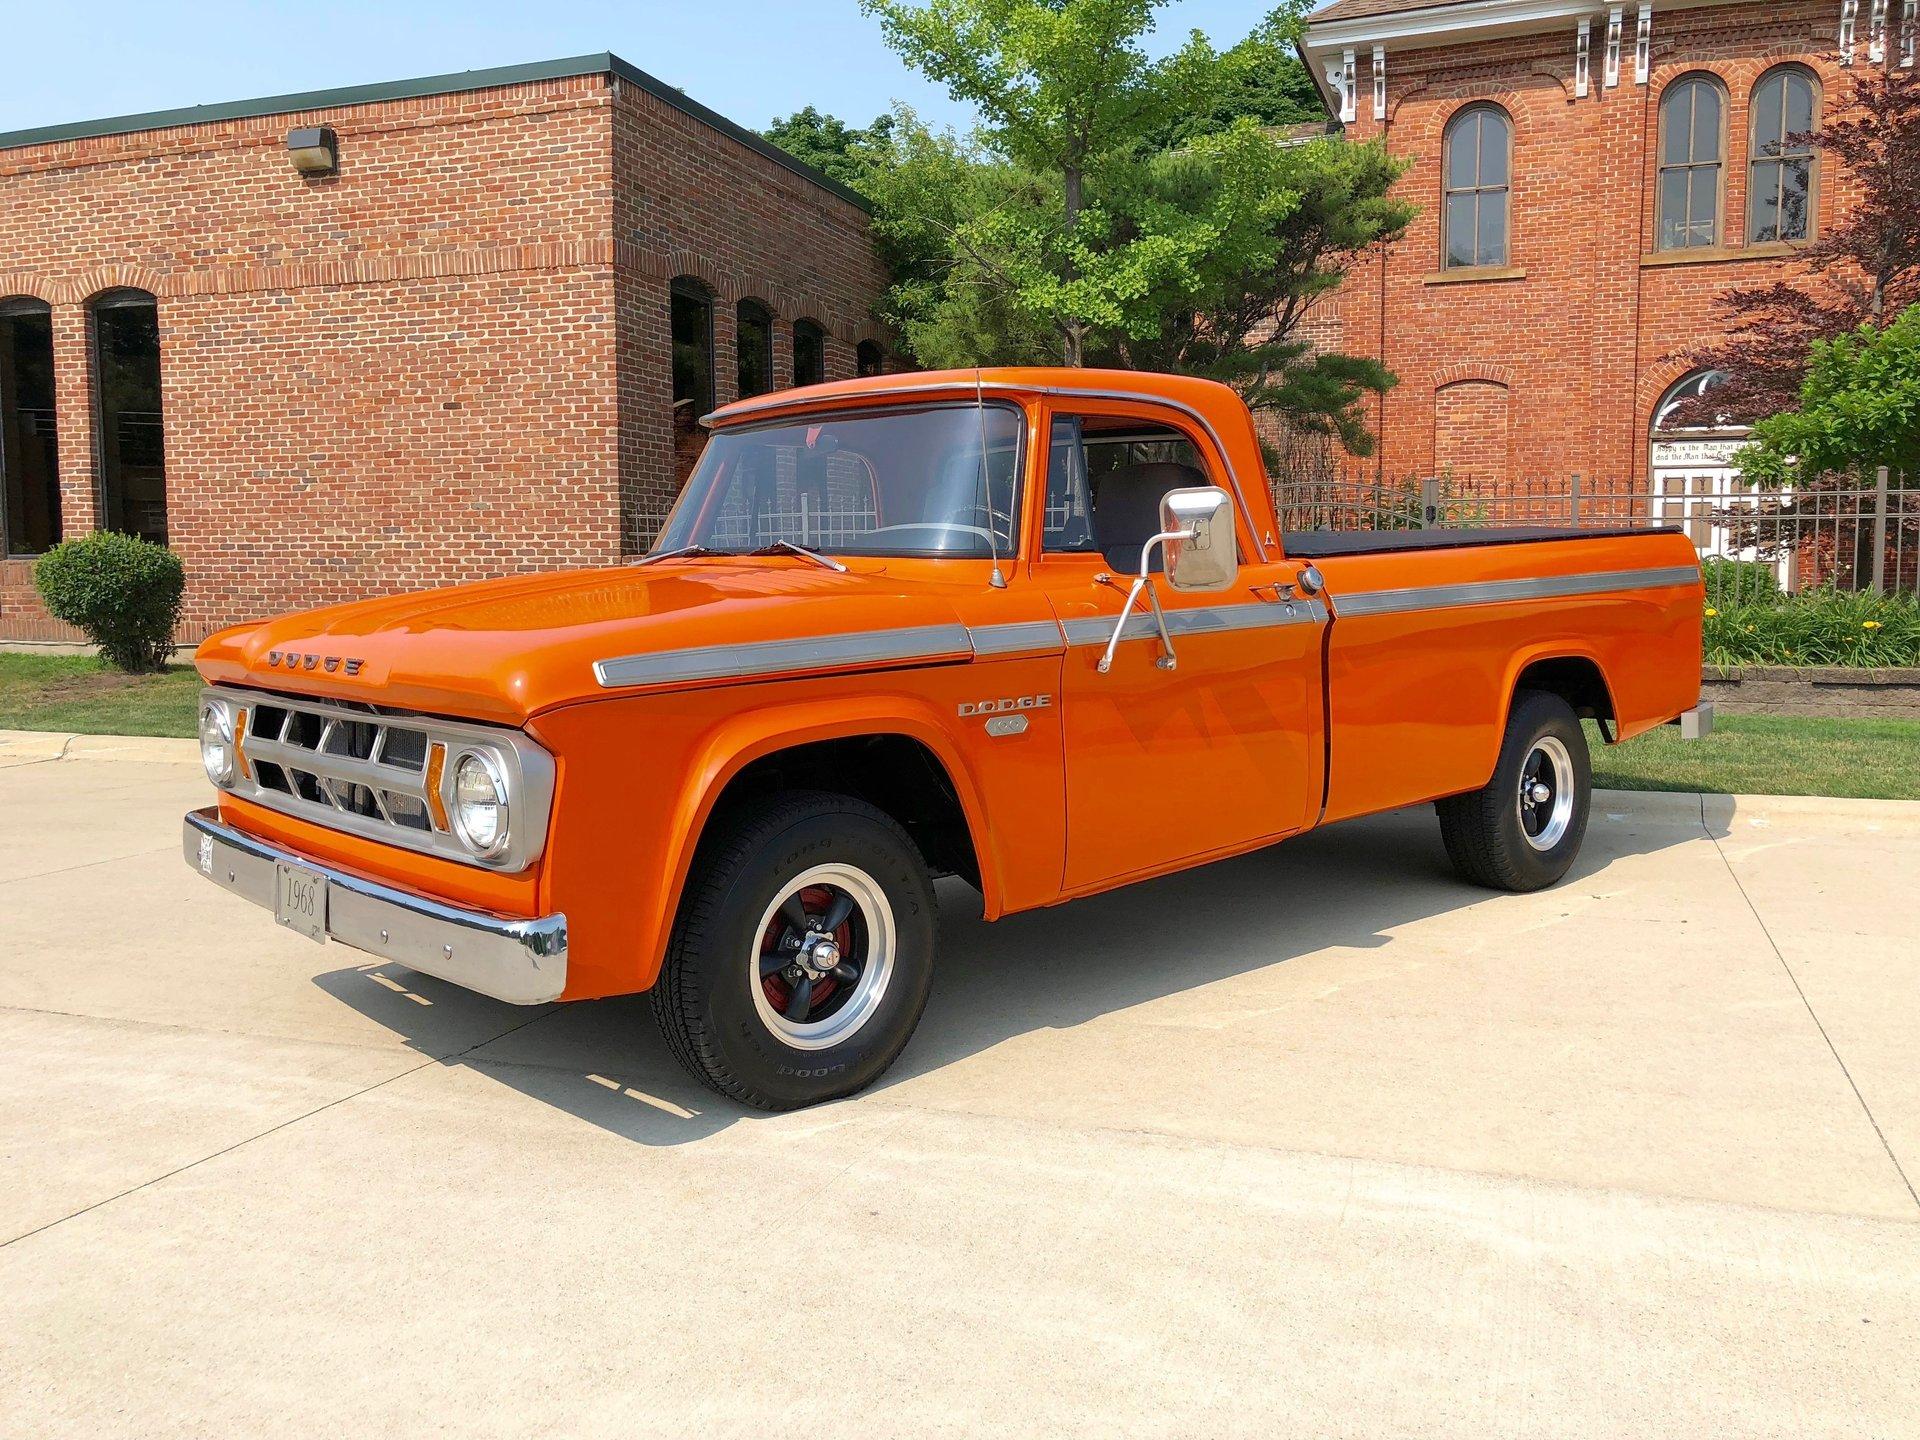 1968 Dodge 100 Showdown Auto Sales Drive Your Dream Color Chips 12438db08ebf7 Hd